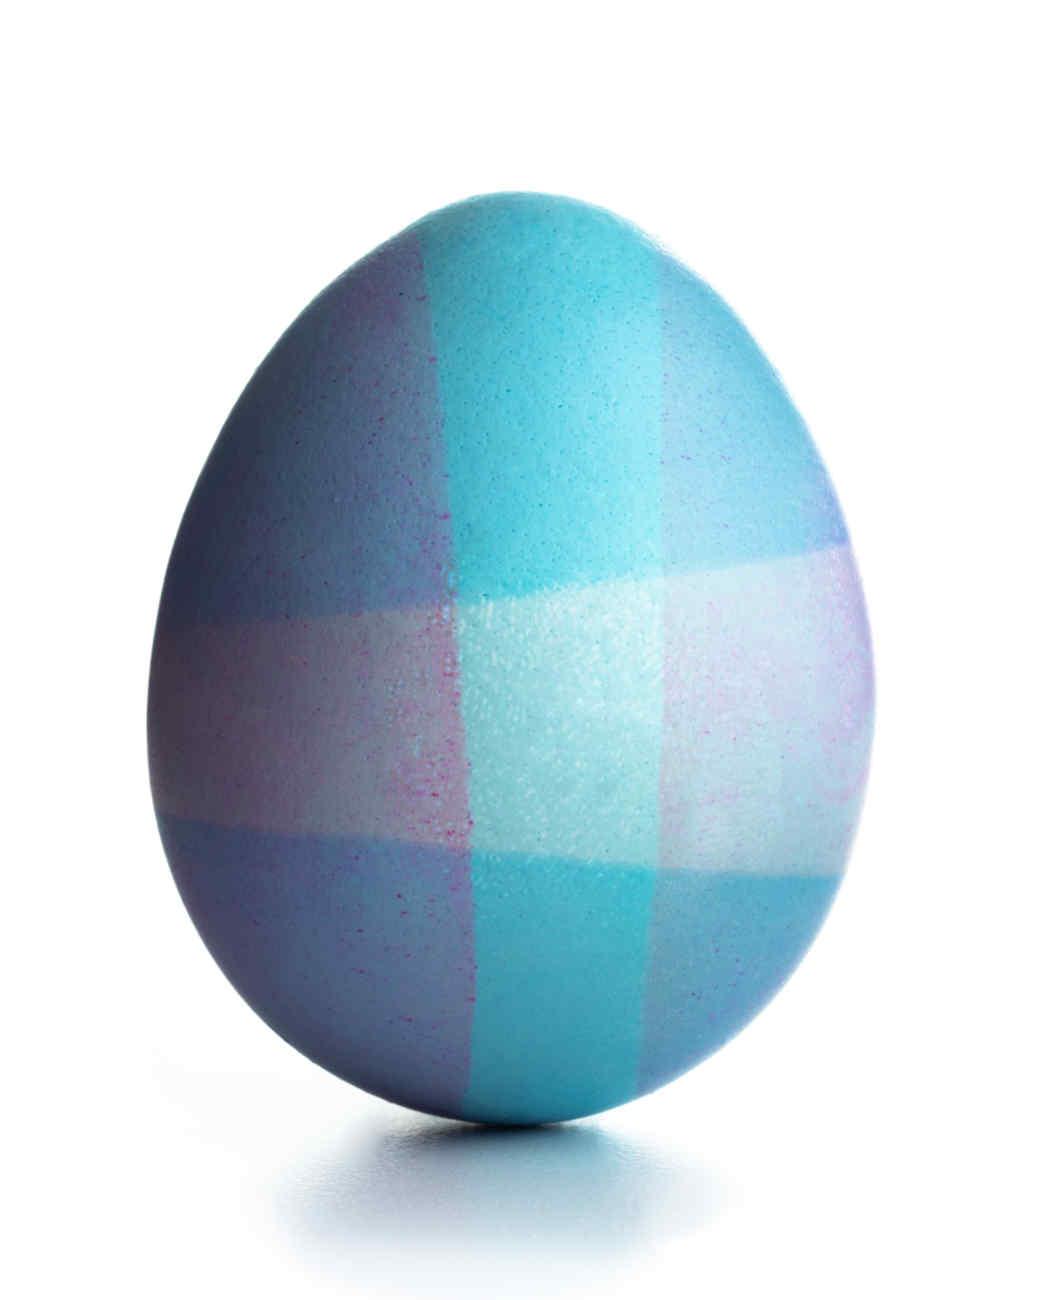 egg-dyeing-app-d107182-wax-dip-blue-plaid0414.jpg